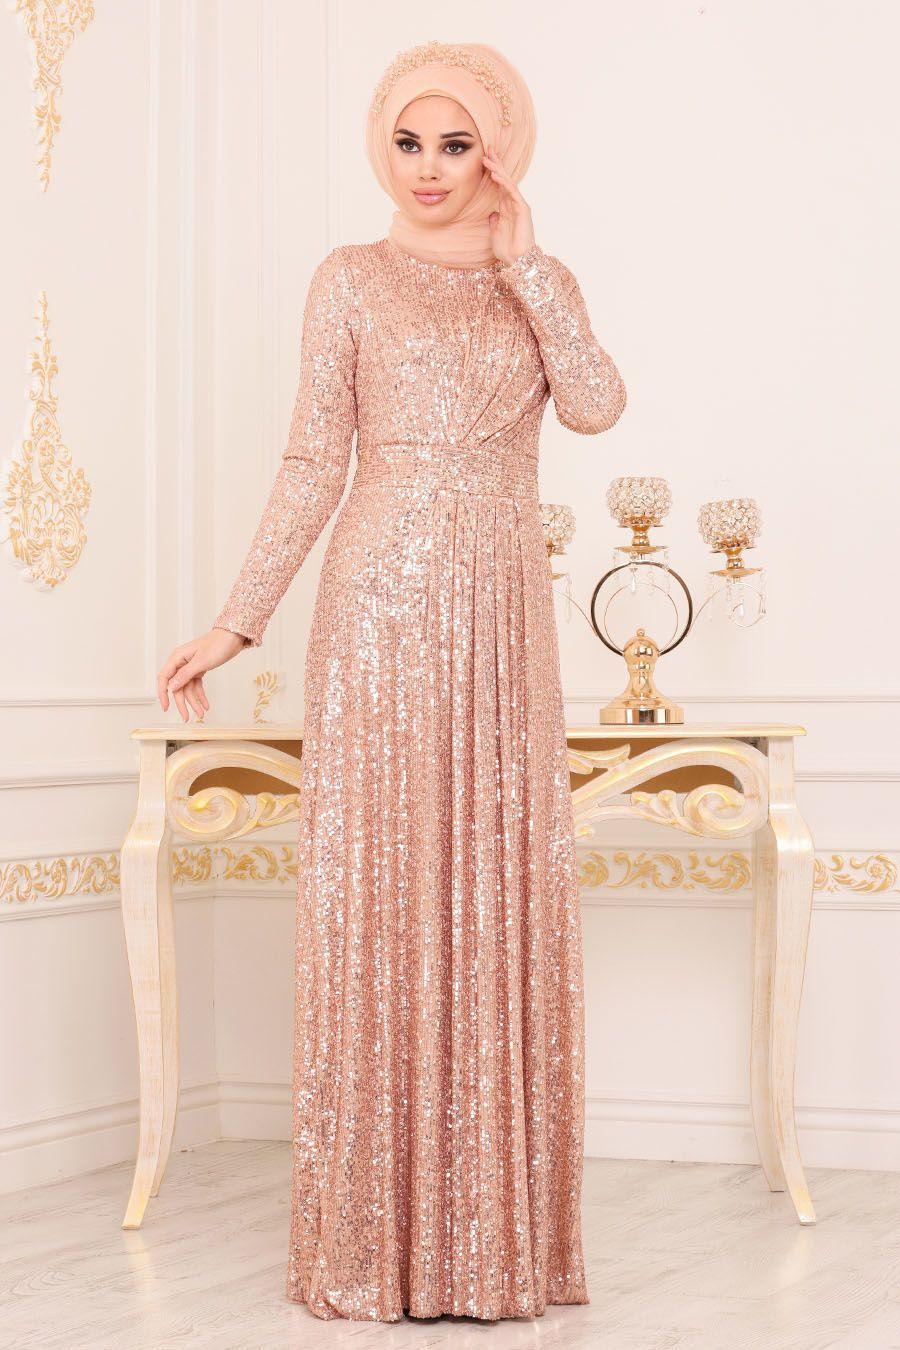 Nayla Collection Pul Payetli Gold Tesettur Abiye Elbise 9106gold Aksamustu Giysileri The Dress Elbise